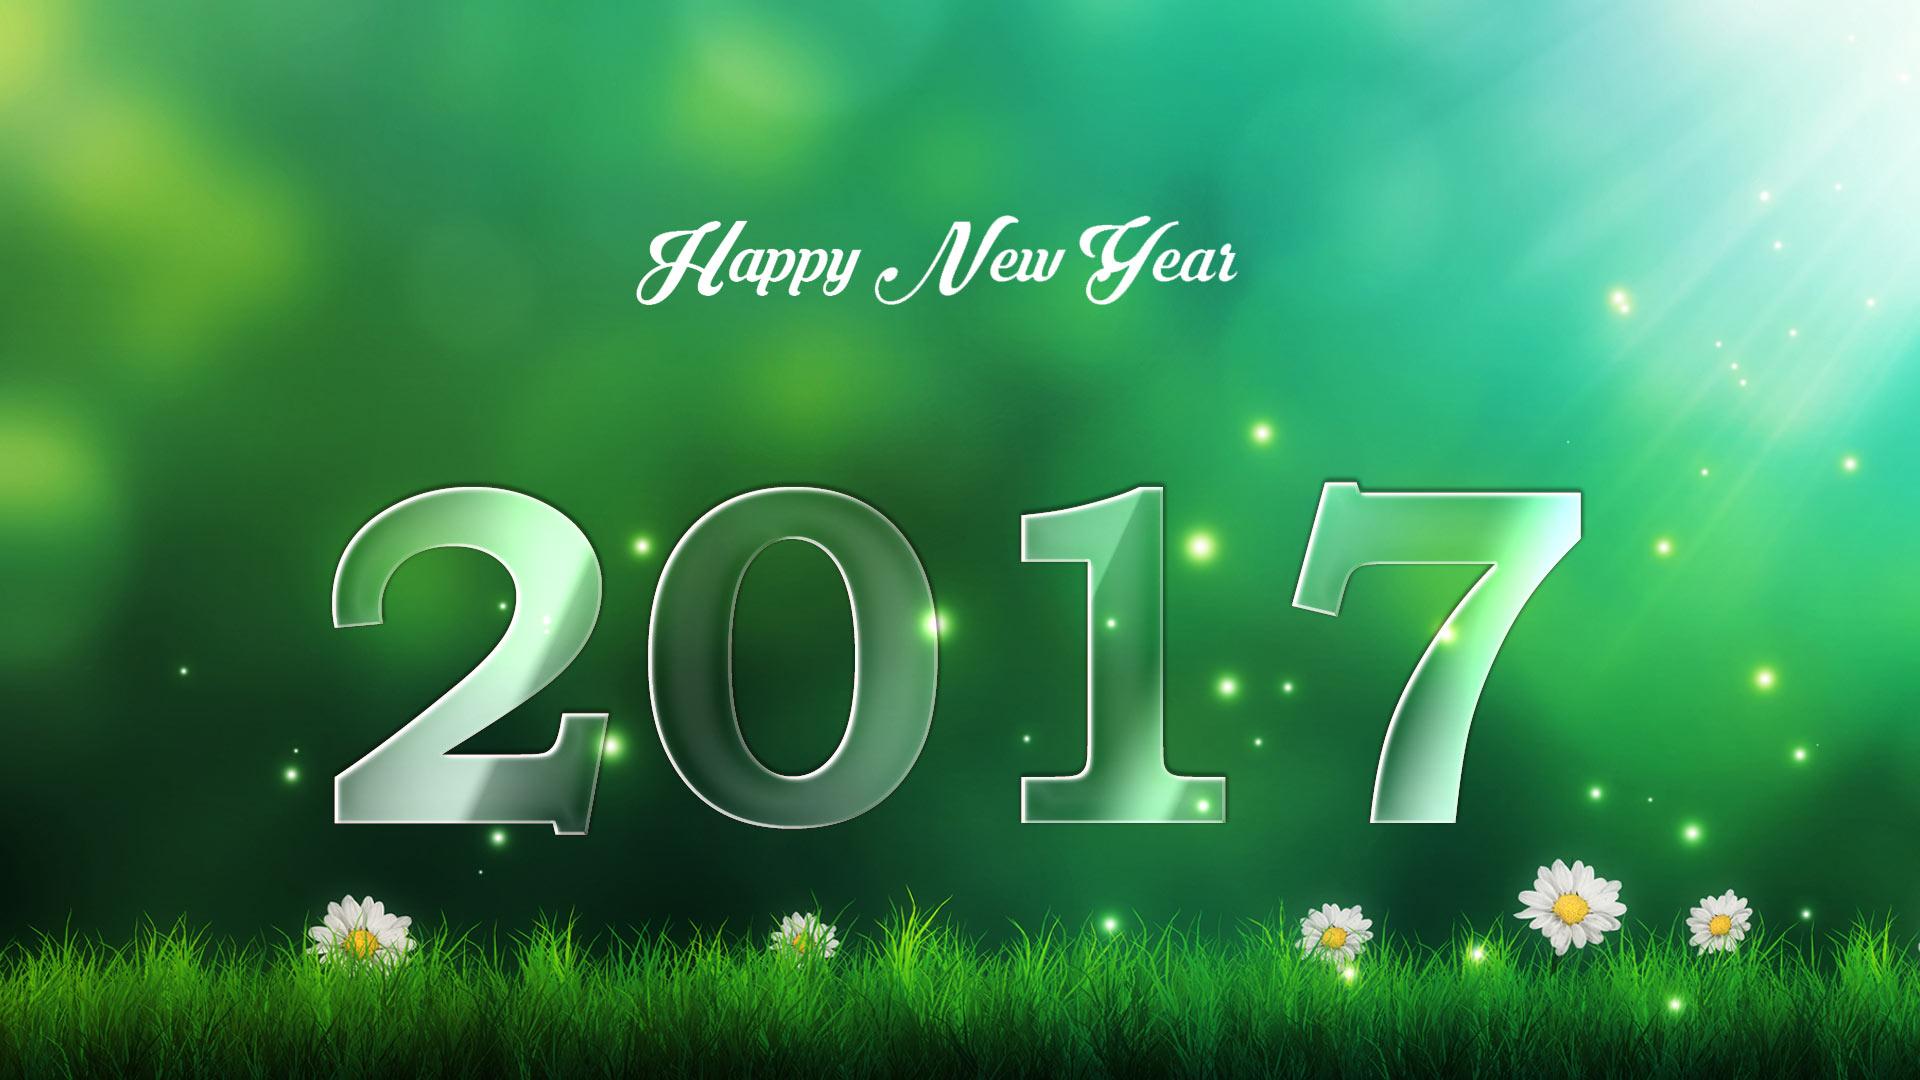 happy new year 2017 desktop wallpaper 59042